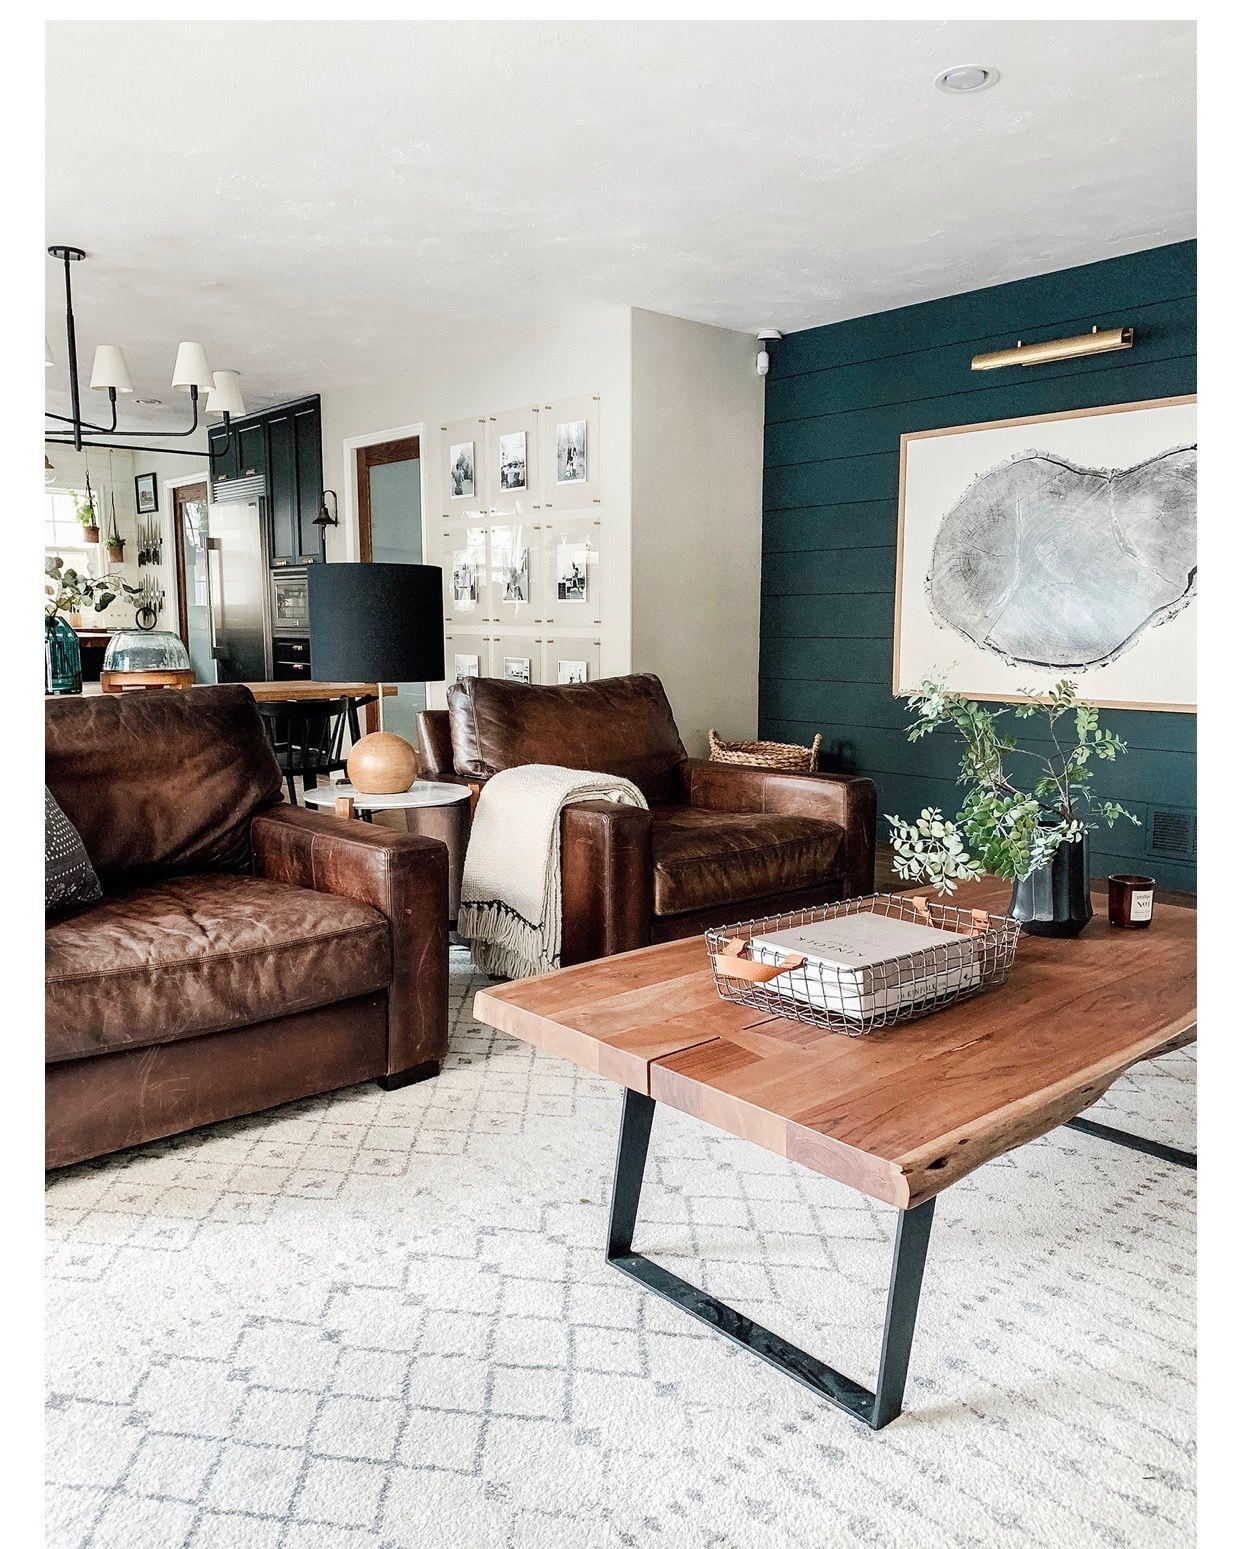 my living room in 2019 d e c o r home d cor house design home rh pinterest co uk